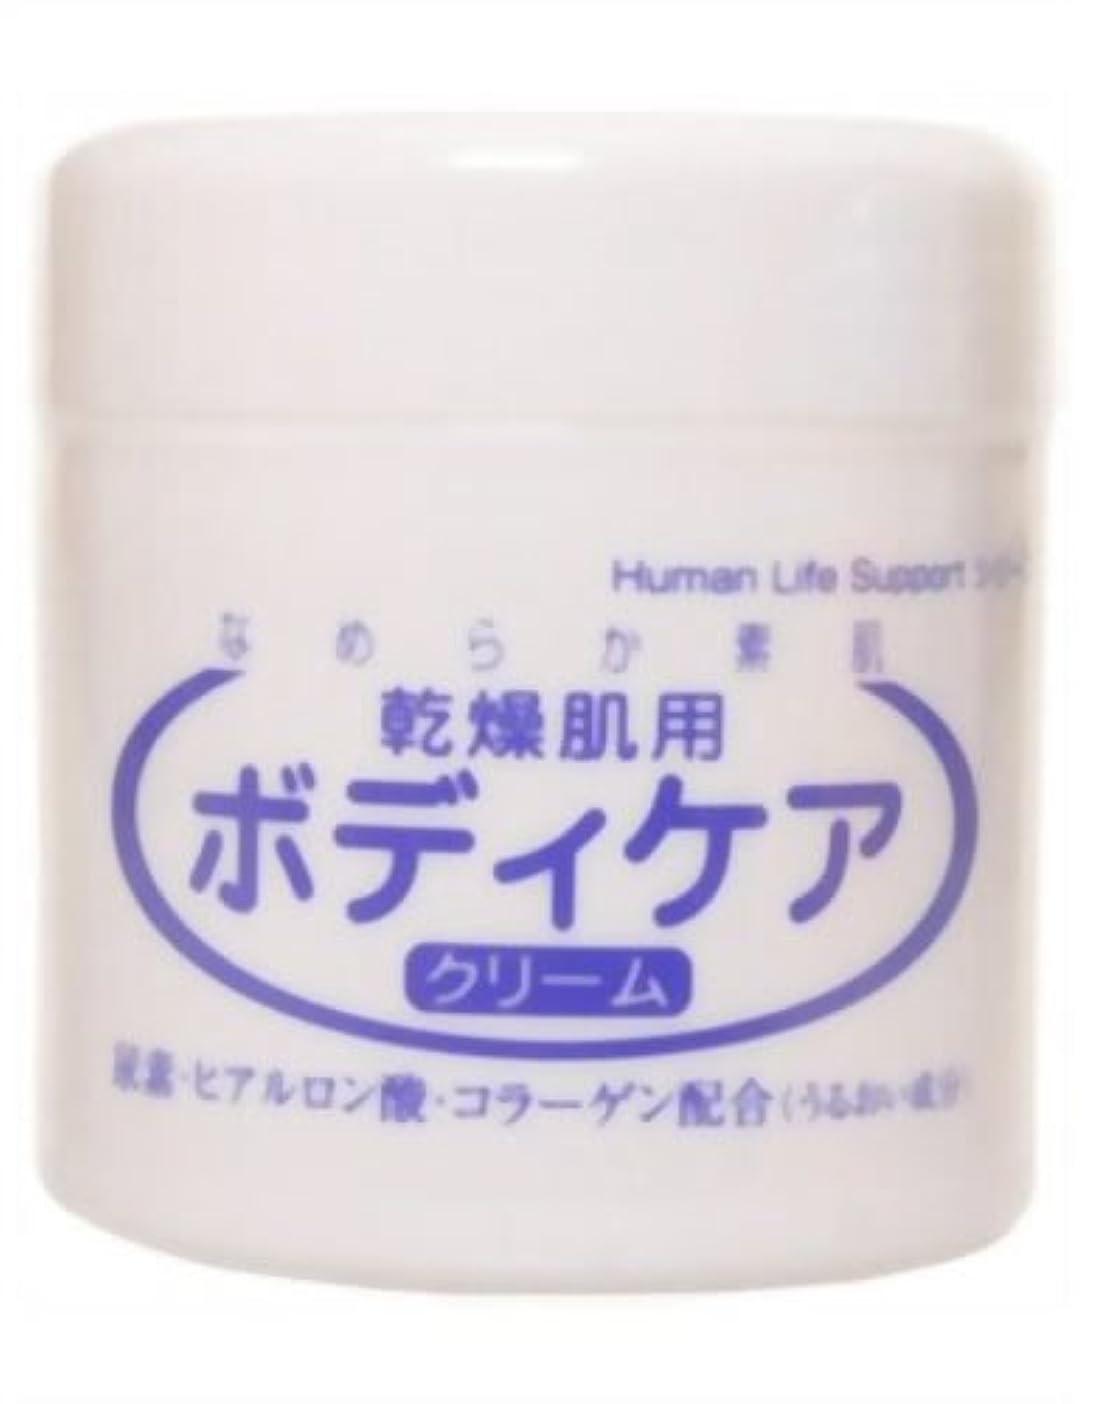 ベアリングサークル出血食事乾燥肌用ボディケアクリーム 230g